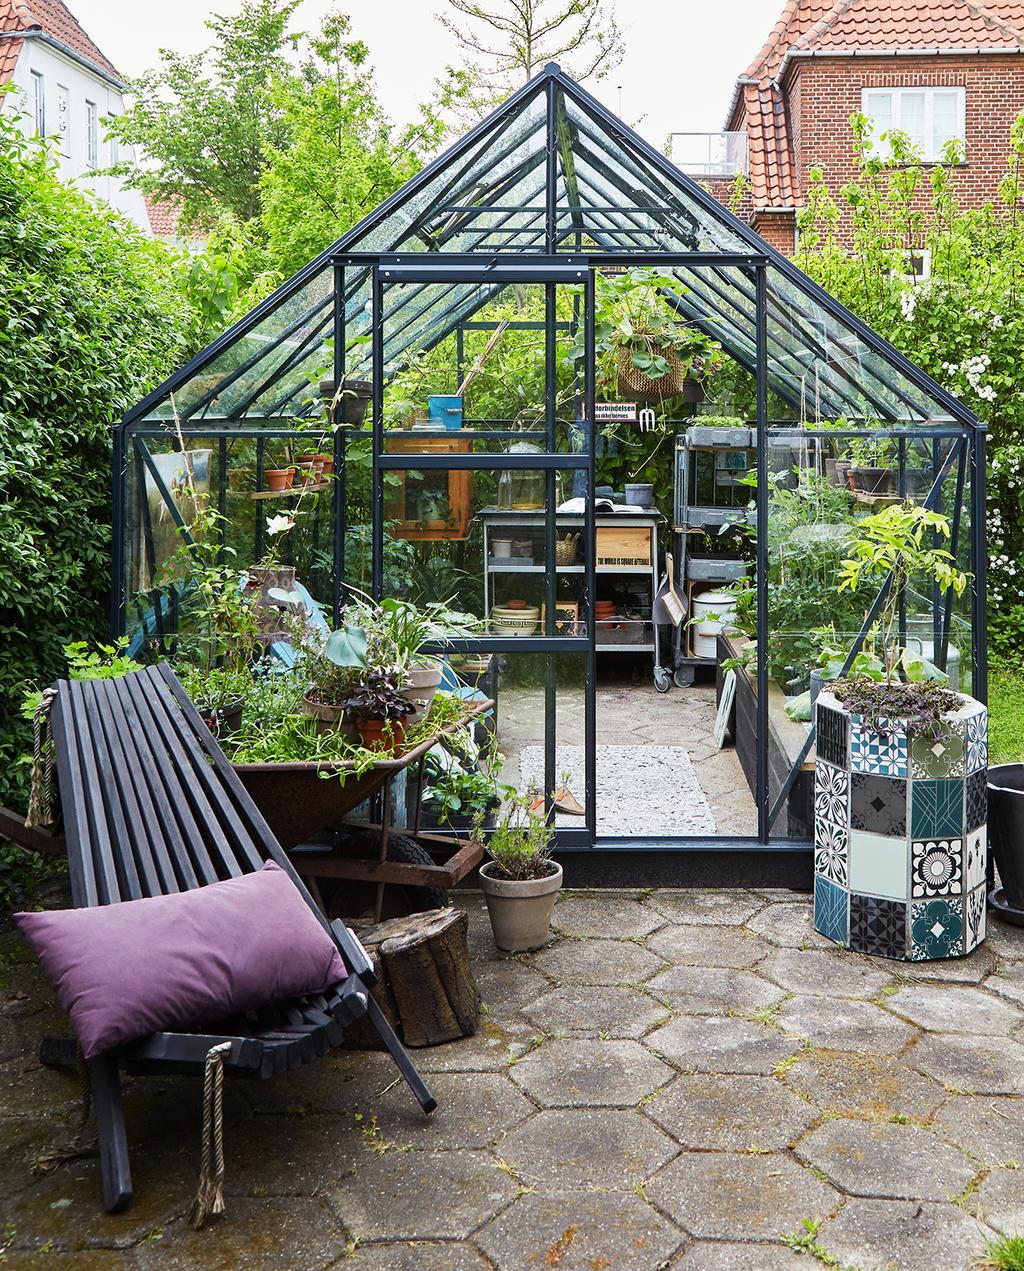 vtwonen tuin special 1 | buitenplaats met donker glazen kas Kopenhagen